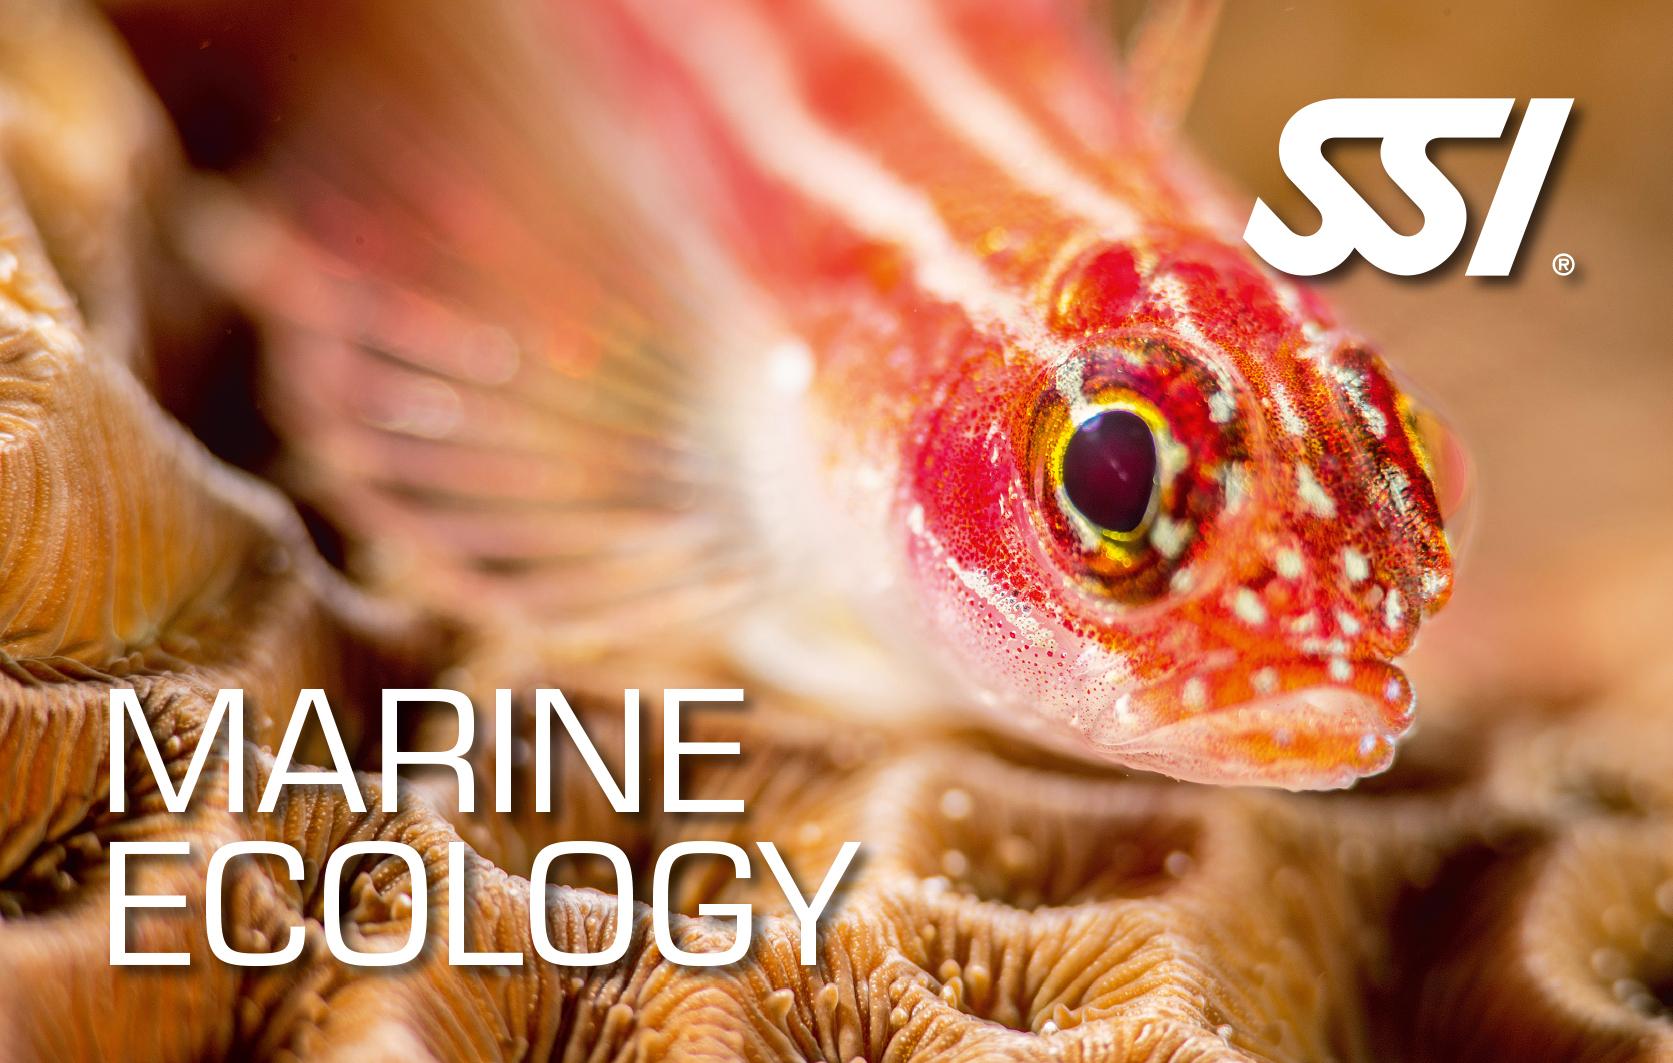 Морская экология